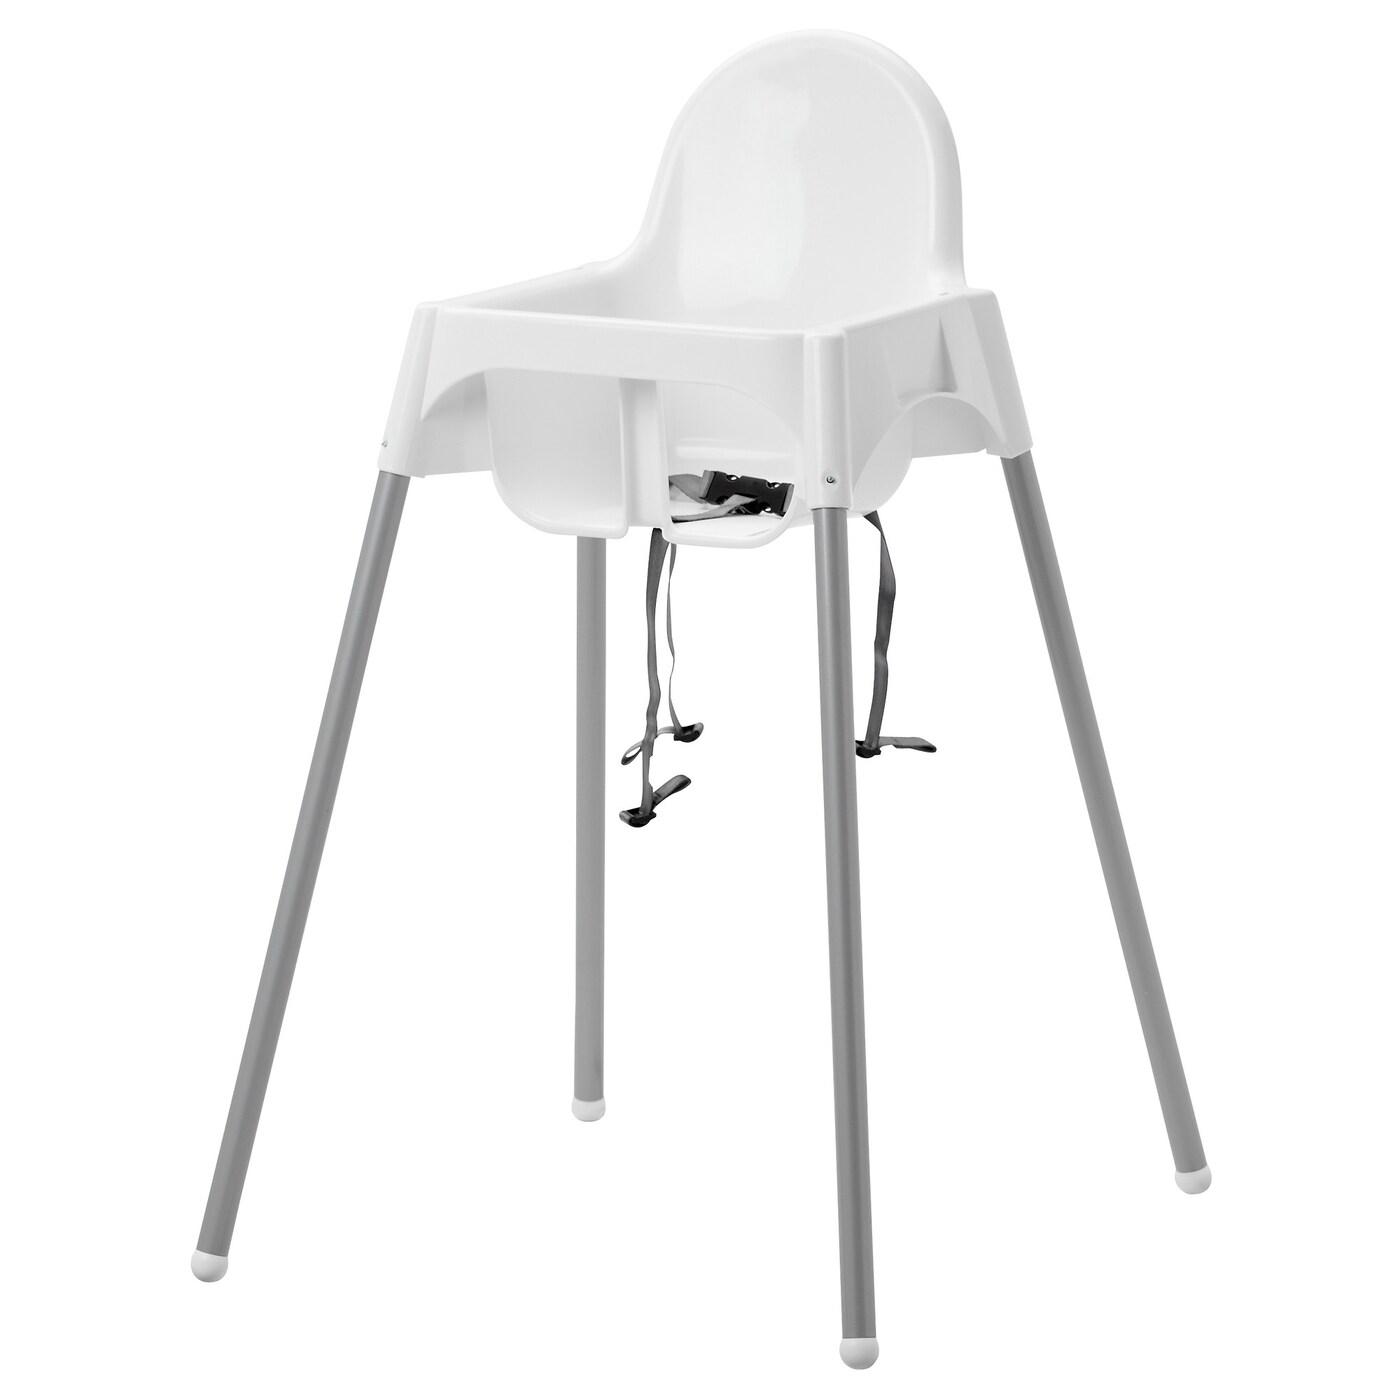 antilop kinderstoel met veiligheidsriempje wit zilverkleur. Black Bedroom Furniture Sets. Home Design Ideas